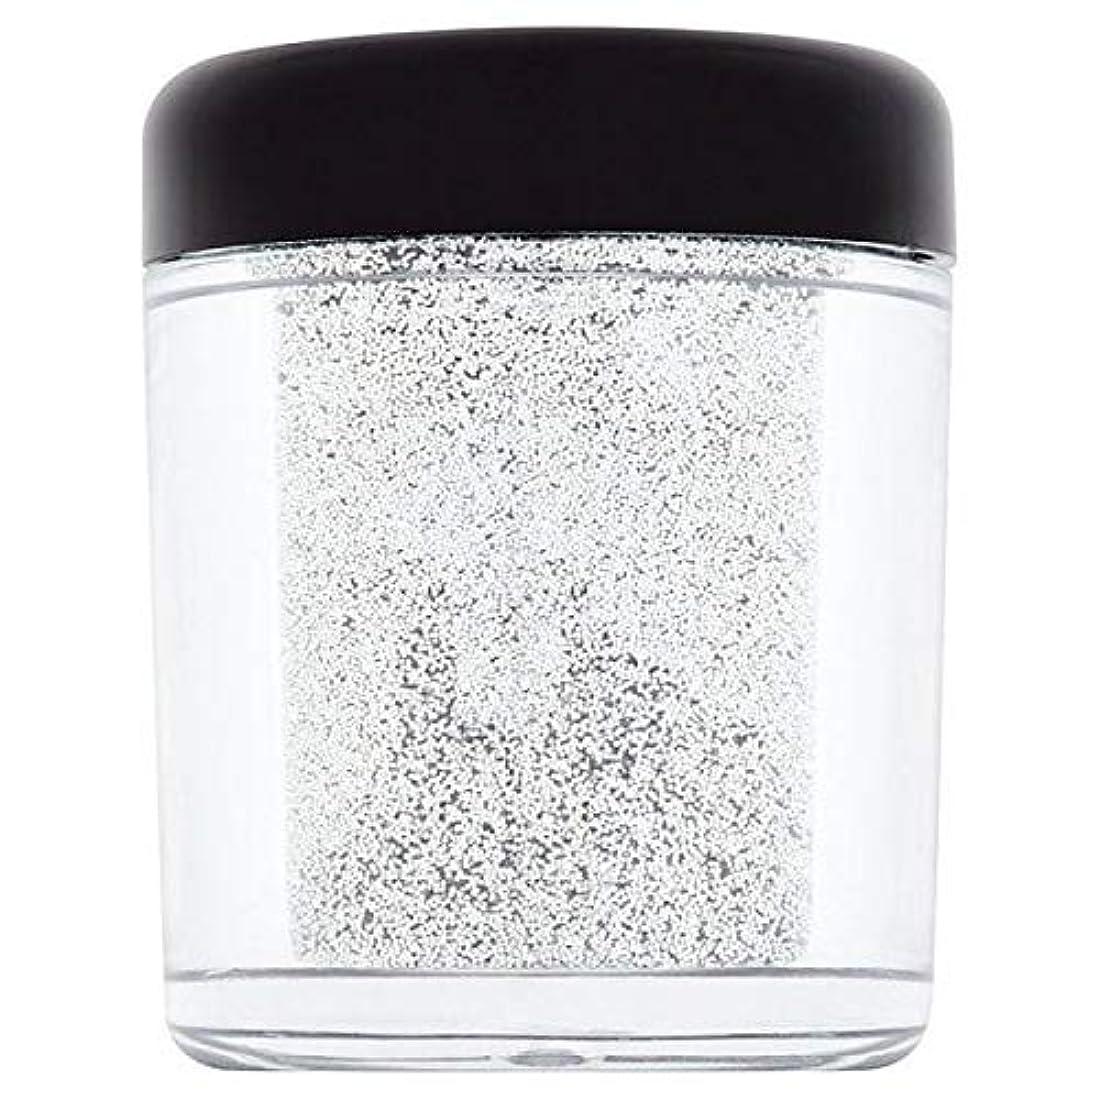 コンセンサス逸話手綱[Collection ] 天使2を回収グラムの結晶は、フェイス&ボディの輝きが落ち - Collection Glam Crystals Face & Body Glitter Fallen Angel 2 [並行輸入品]